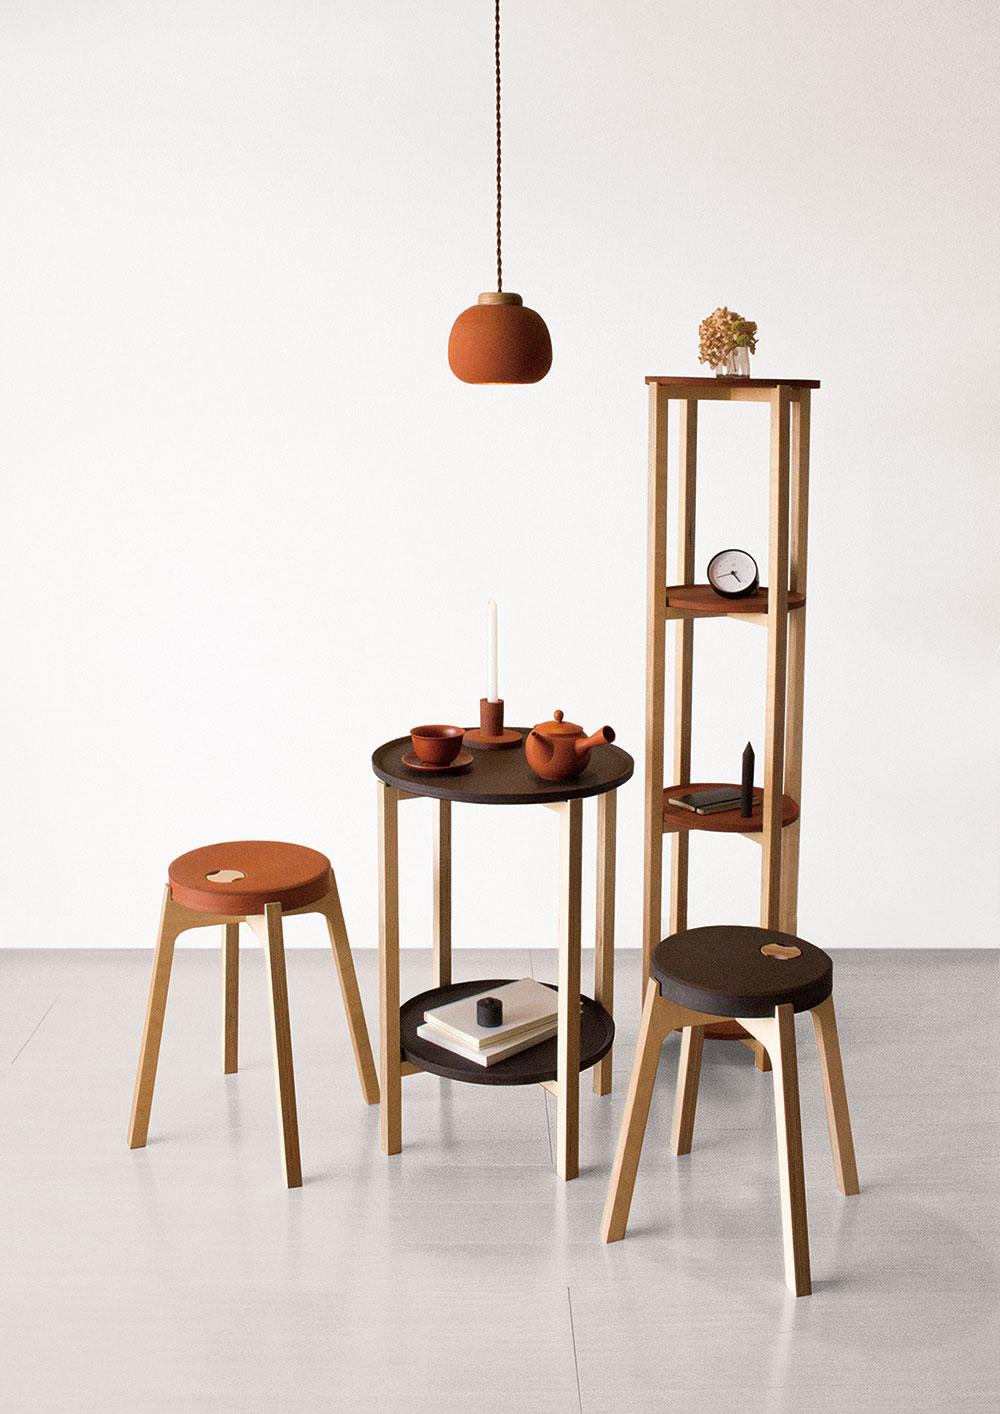 Shudei. סדרת הרהיטים של סטודיו Bouillon מפגישה בין החמר המסורתי לעיצוב עכשווי